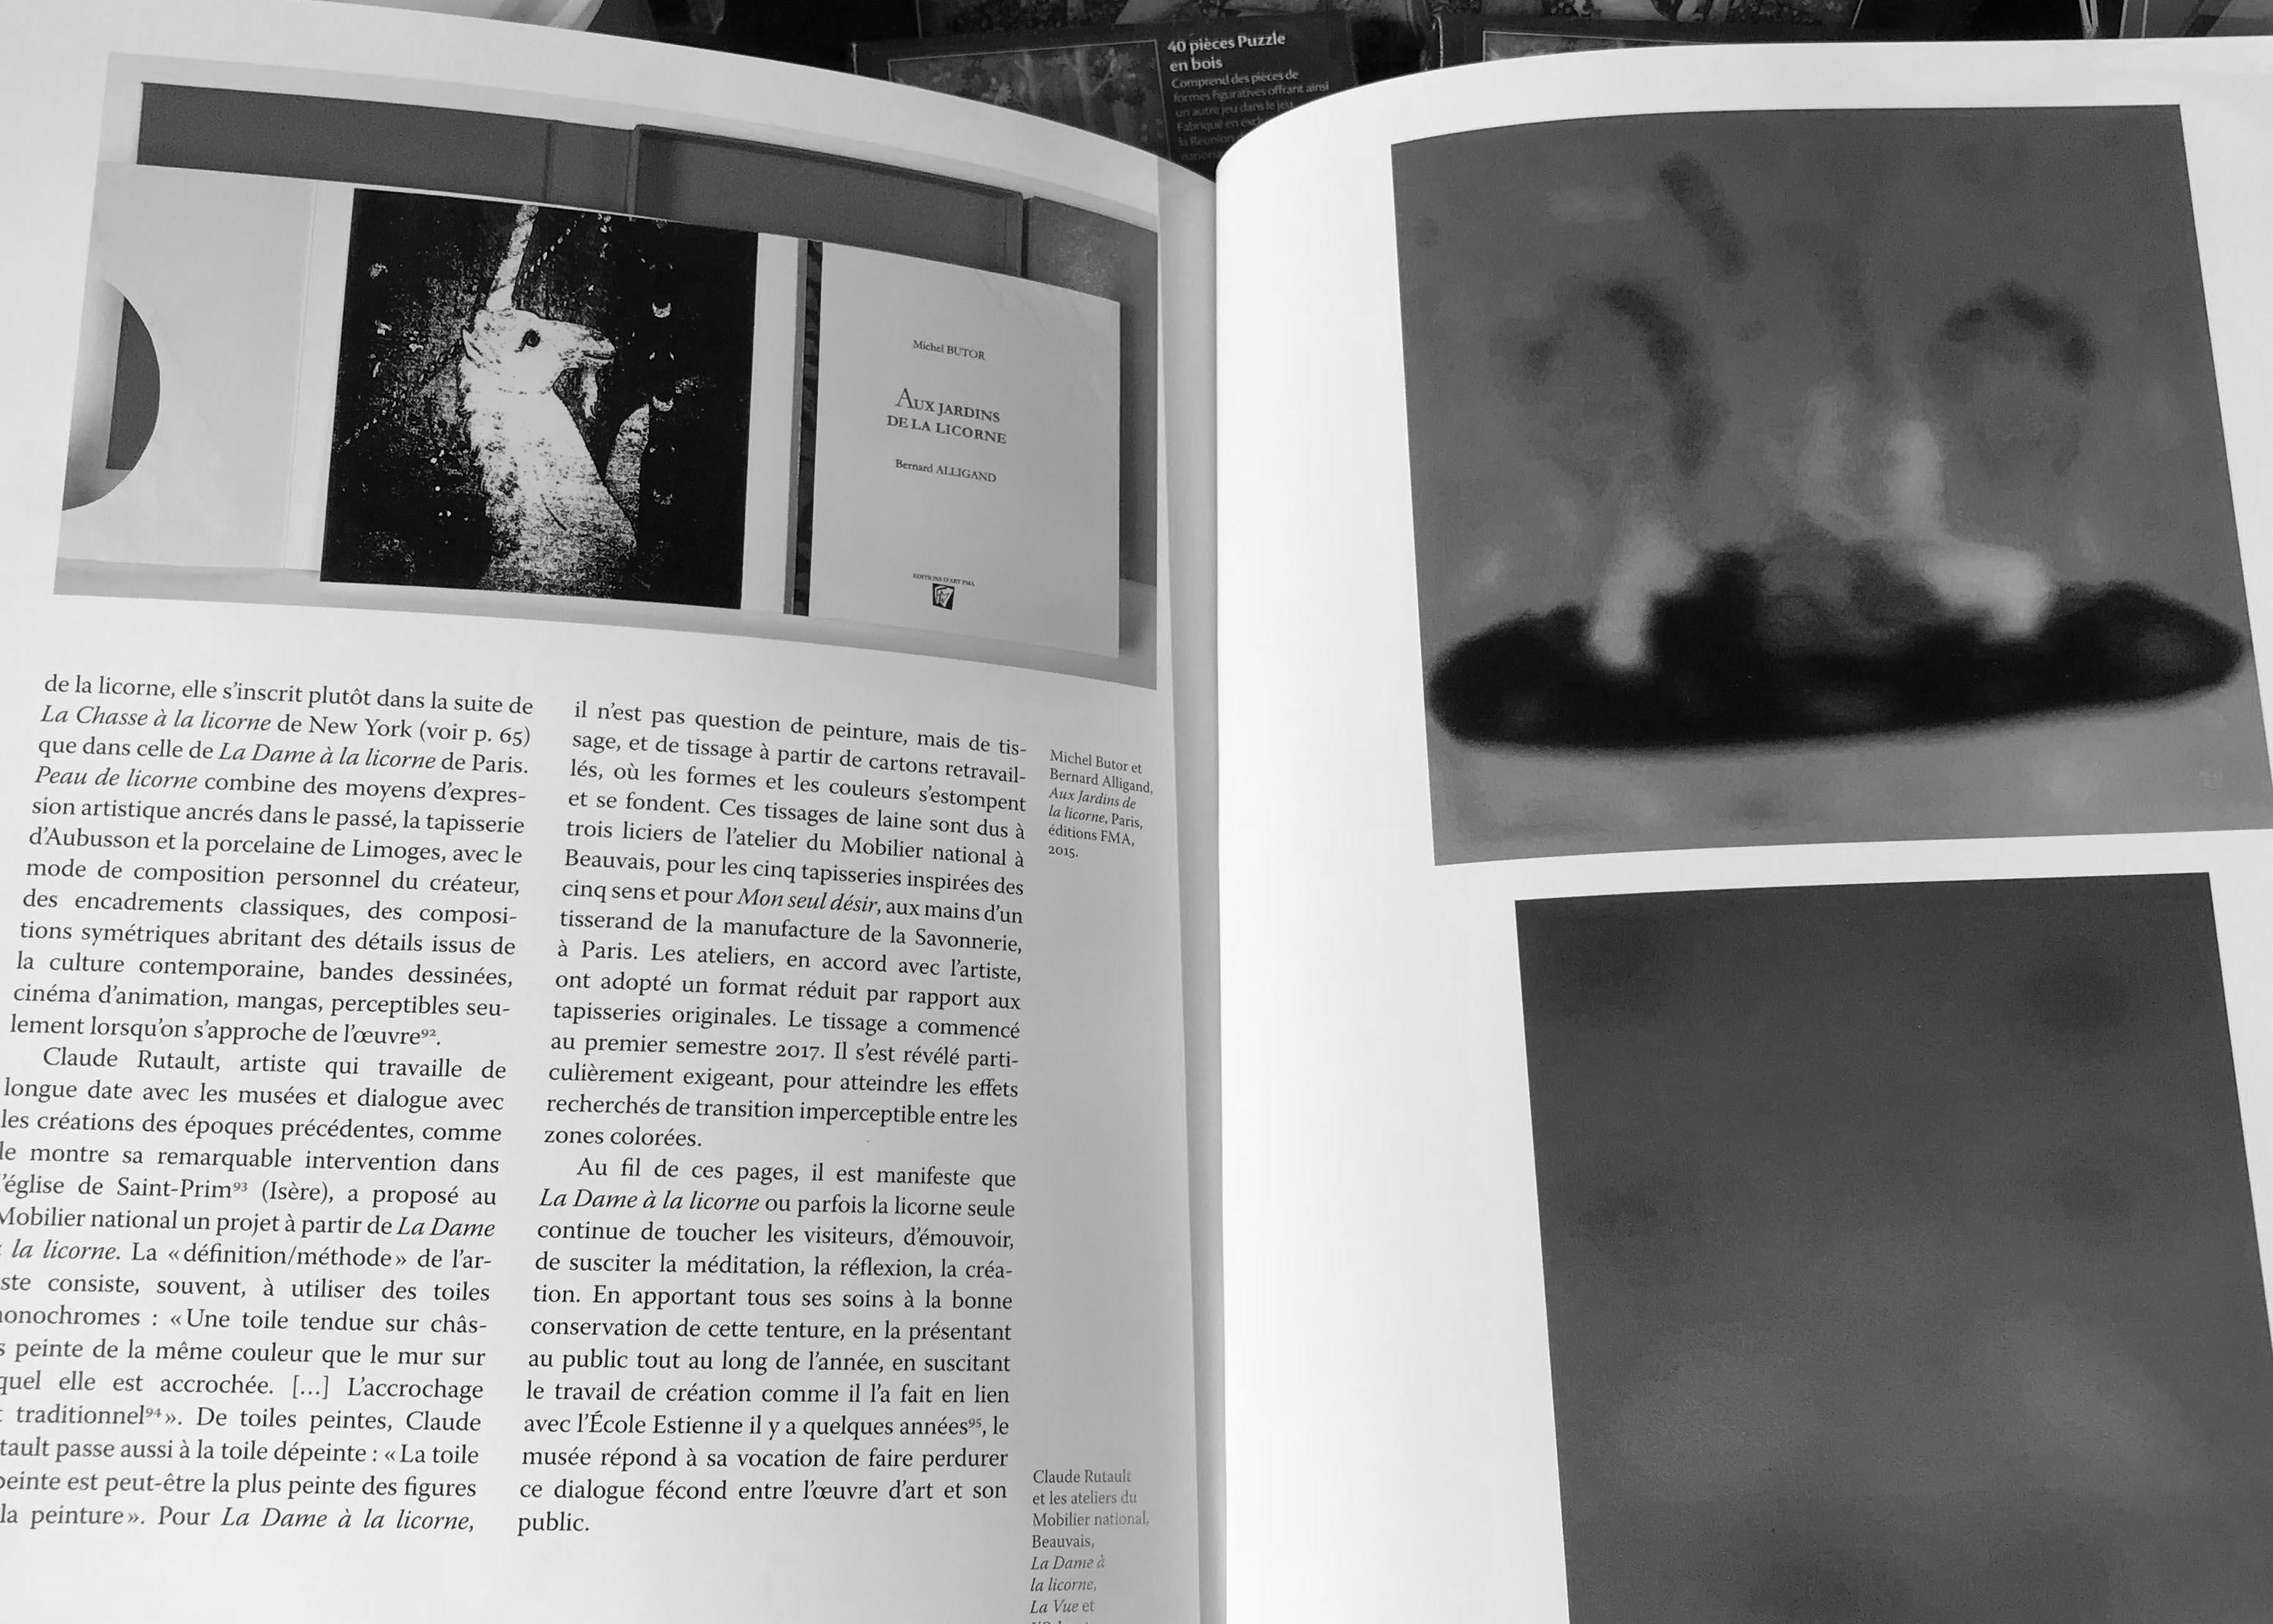 Catalogue de la Dame à la licorne avec extrait sur l'exposition Magiques licornes